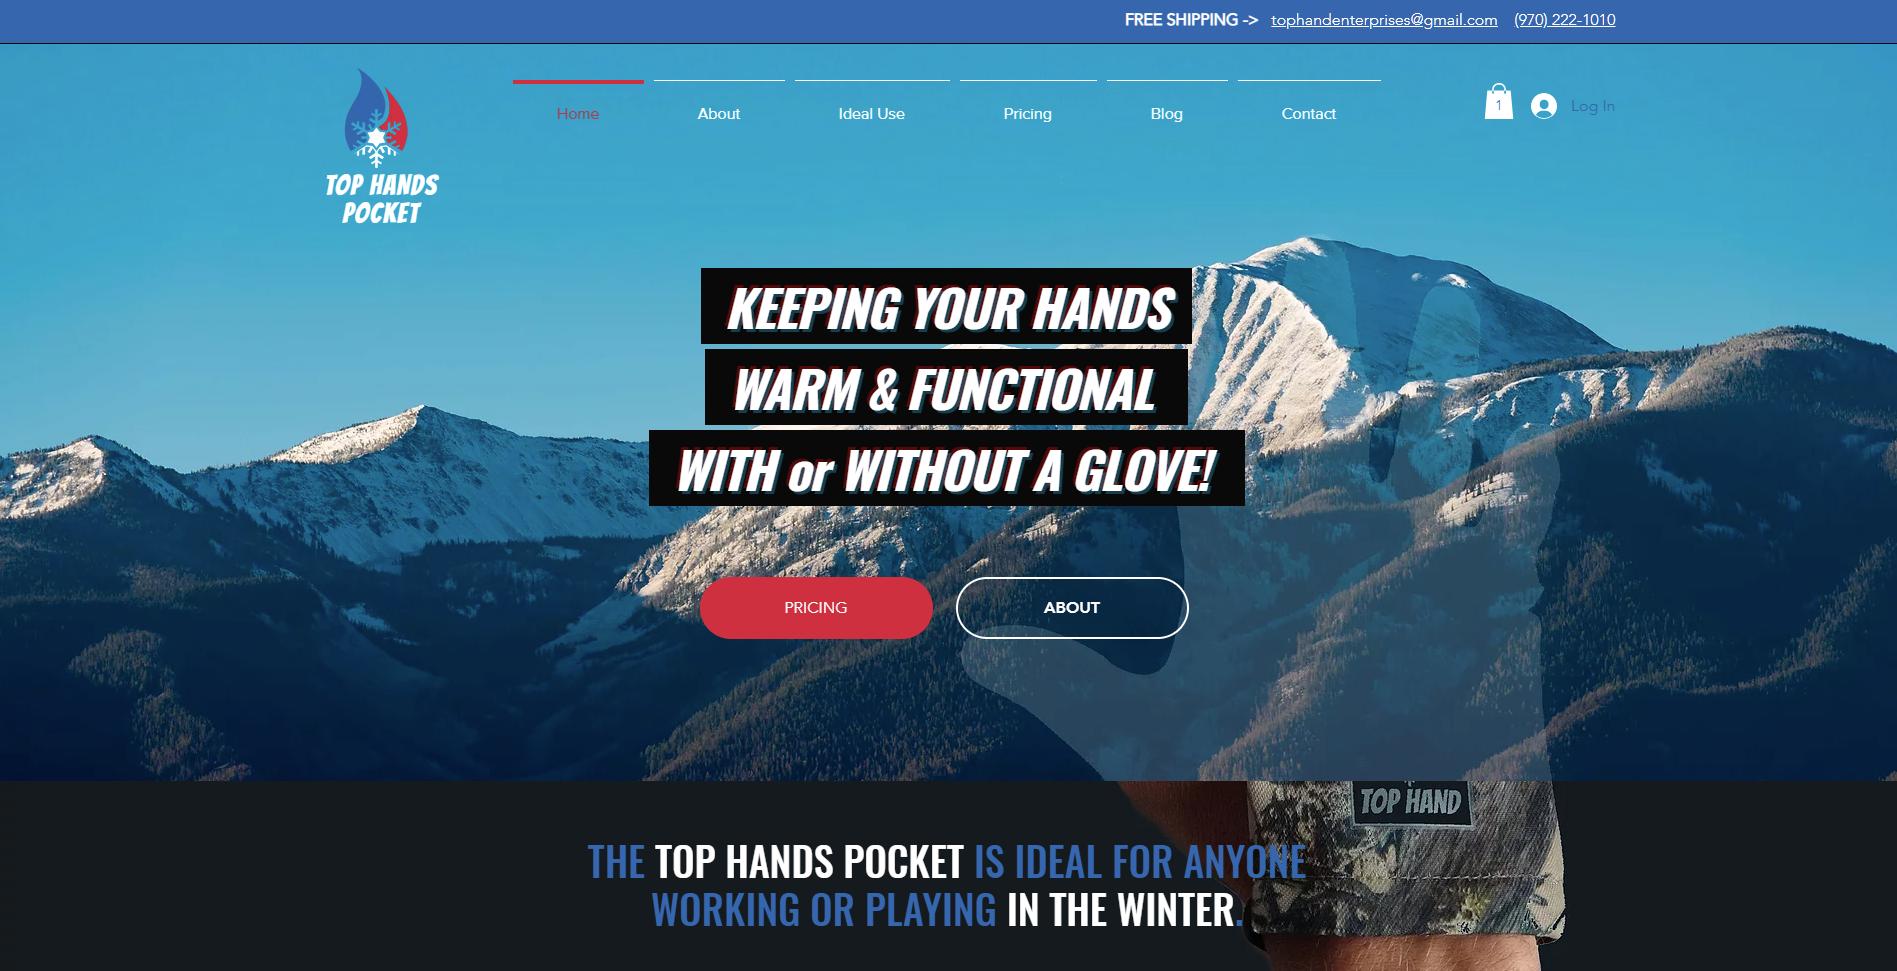 Top Hands Pocket - Daniel James Media Site Desgin